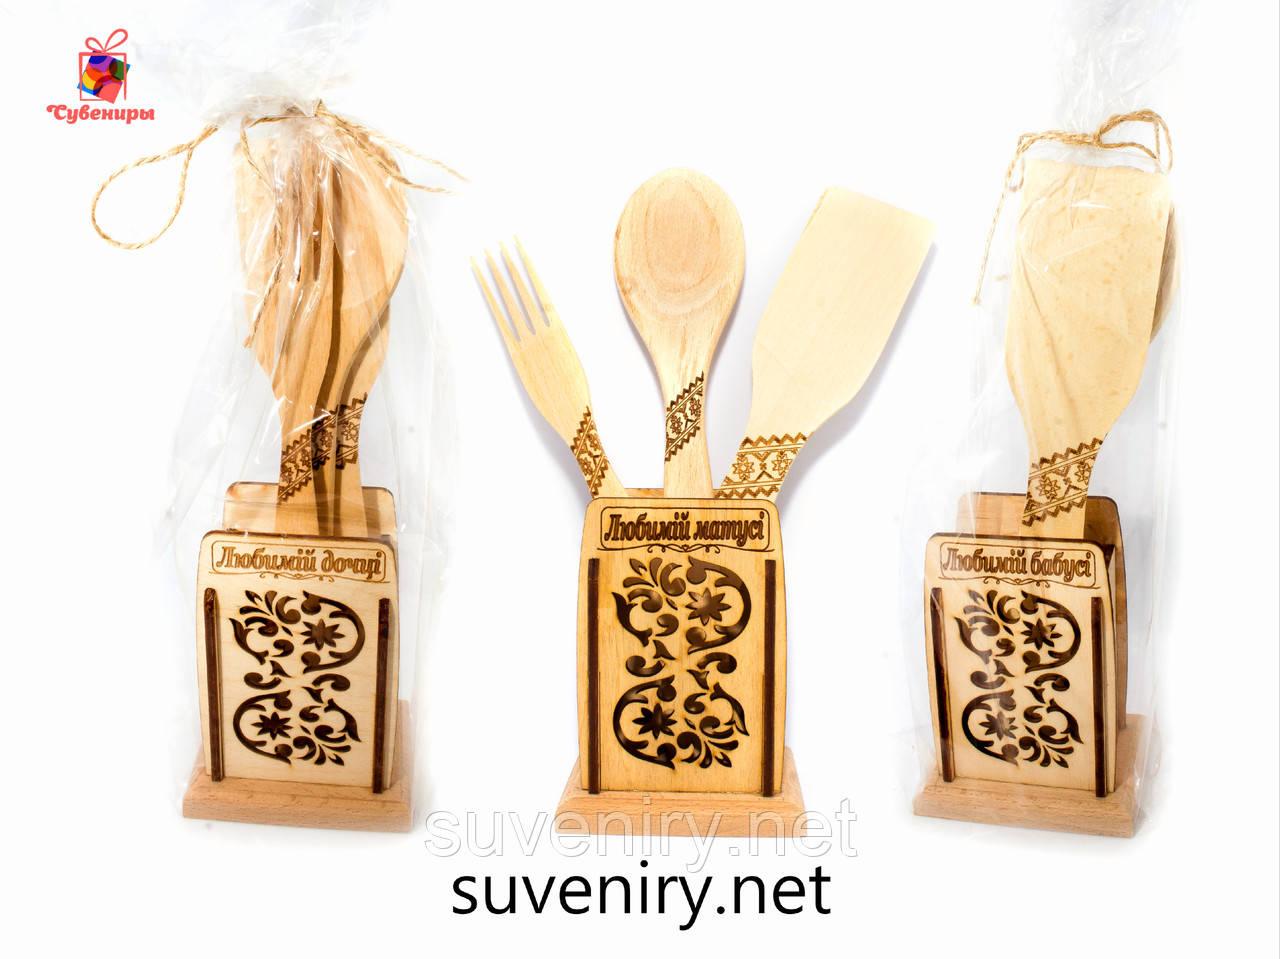 Сувенирный кухонный набор с разными надписями